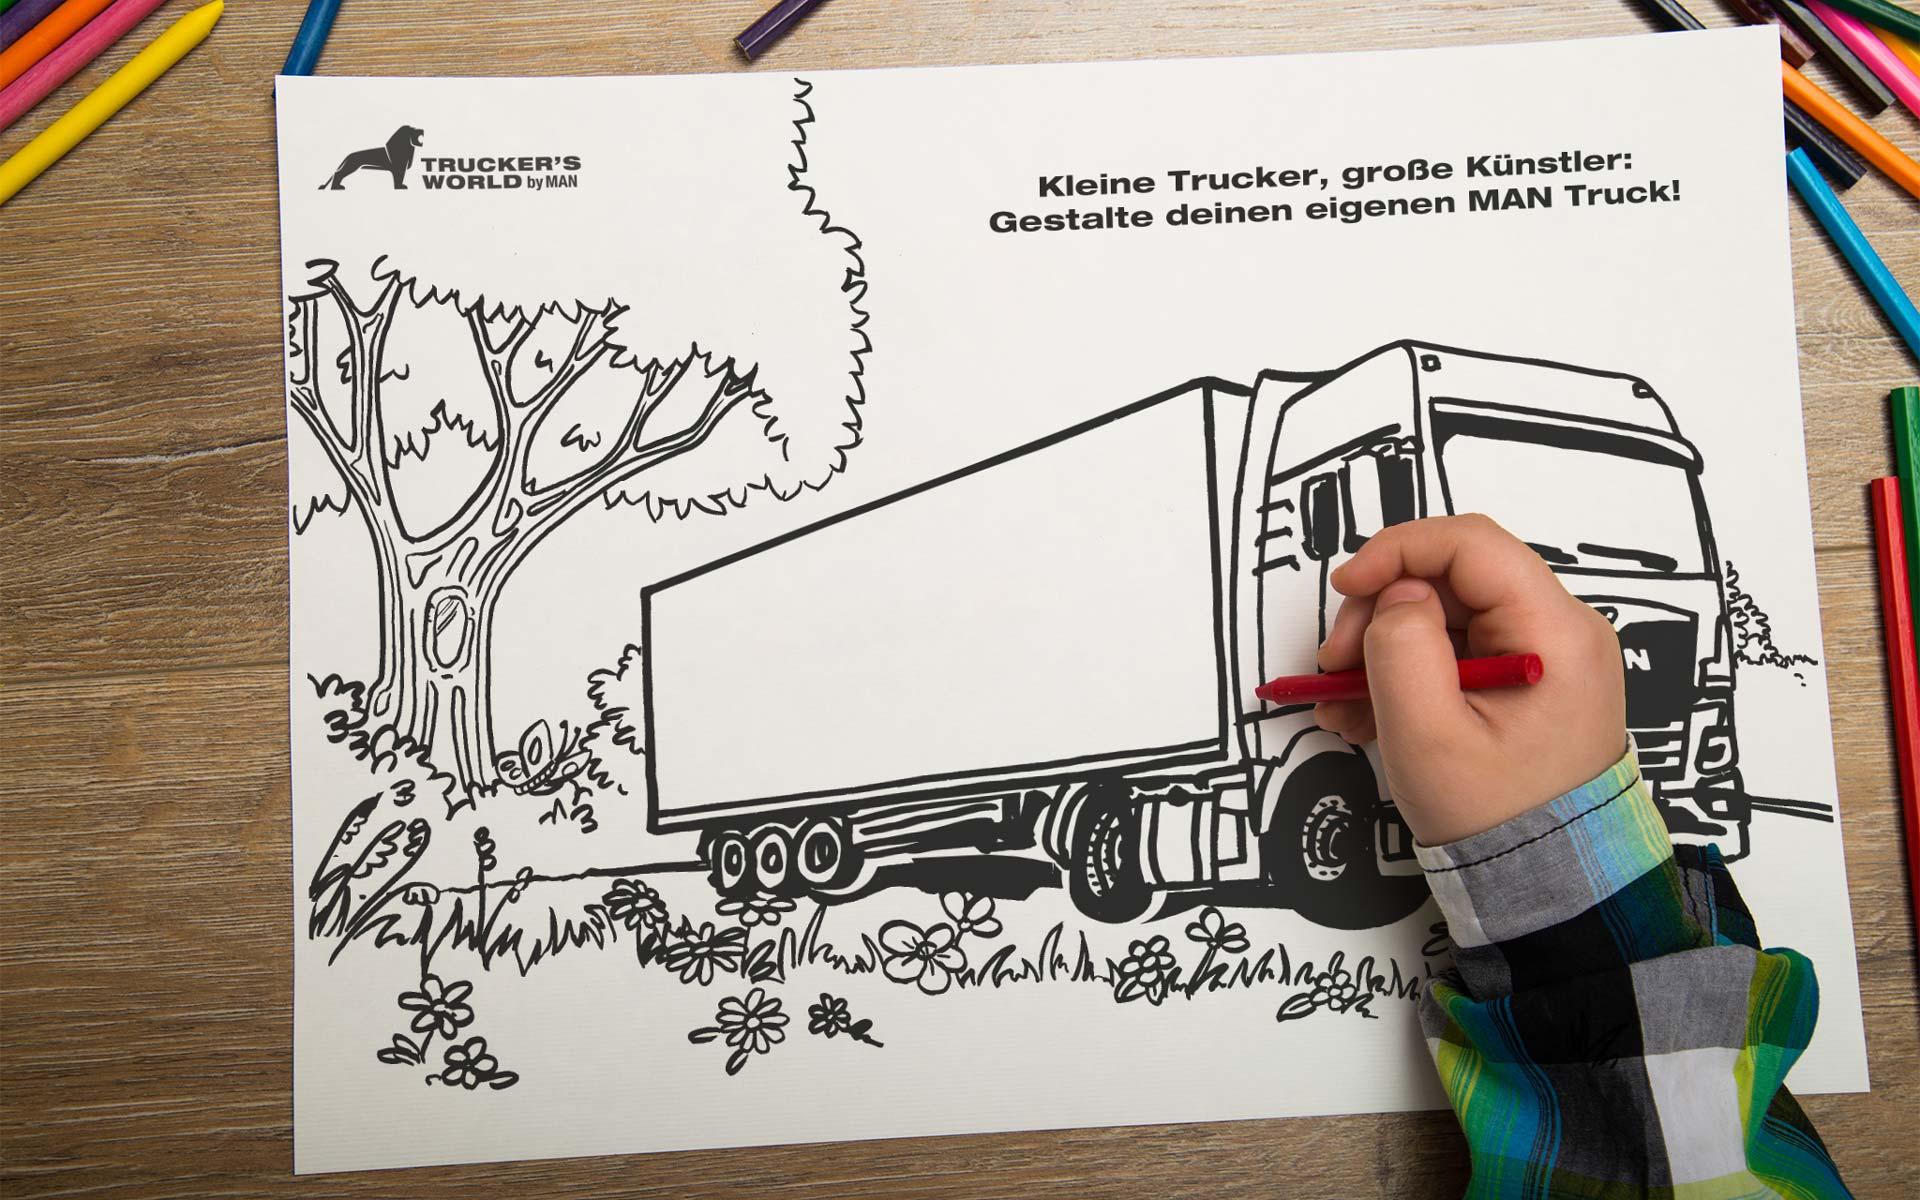 kleine trucker große künstler  trucker's world deutschland